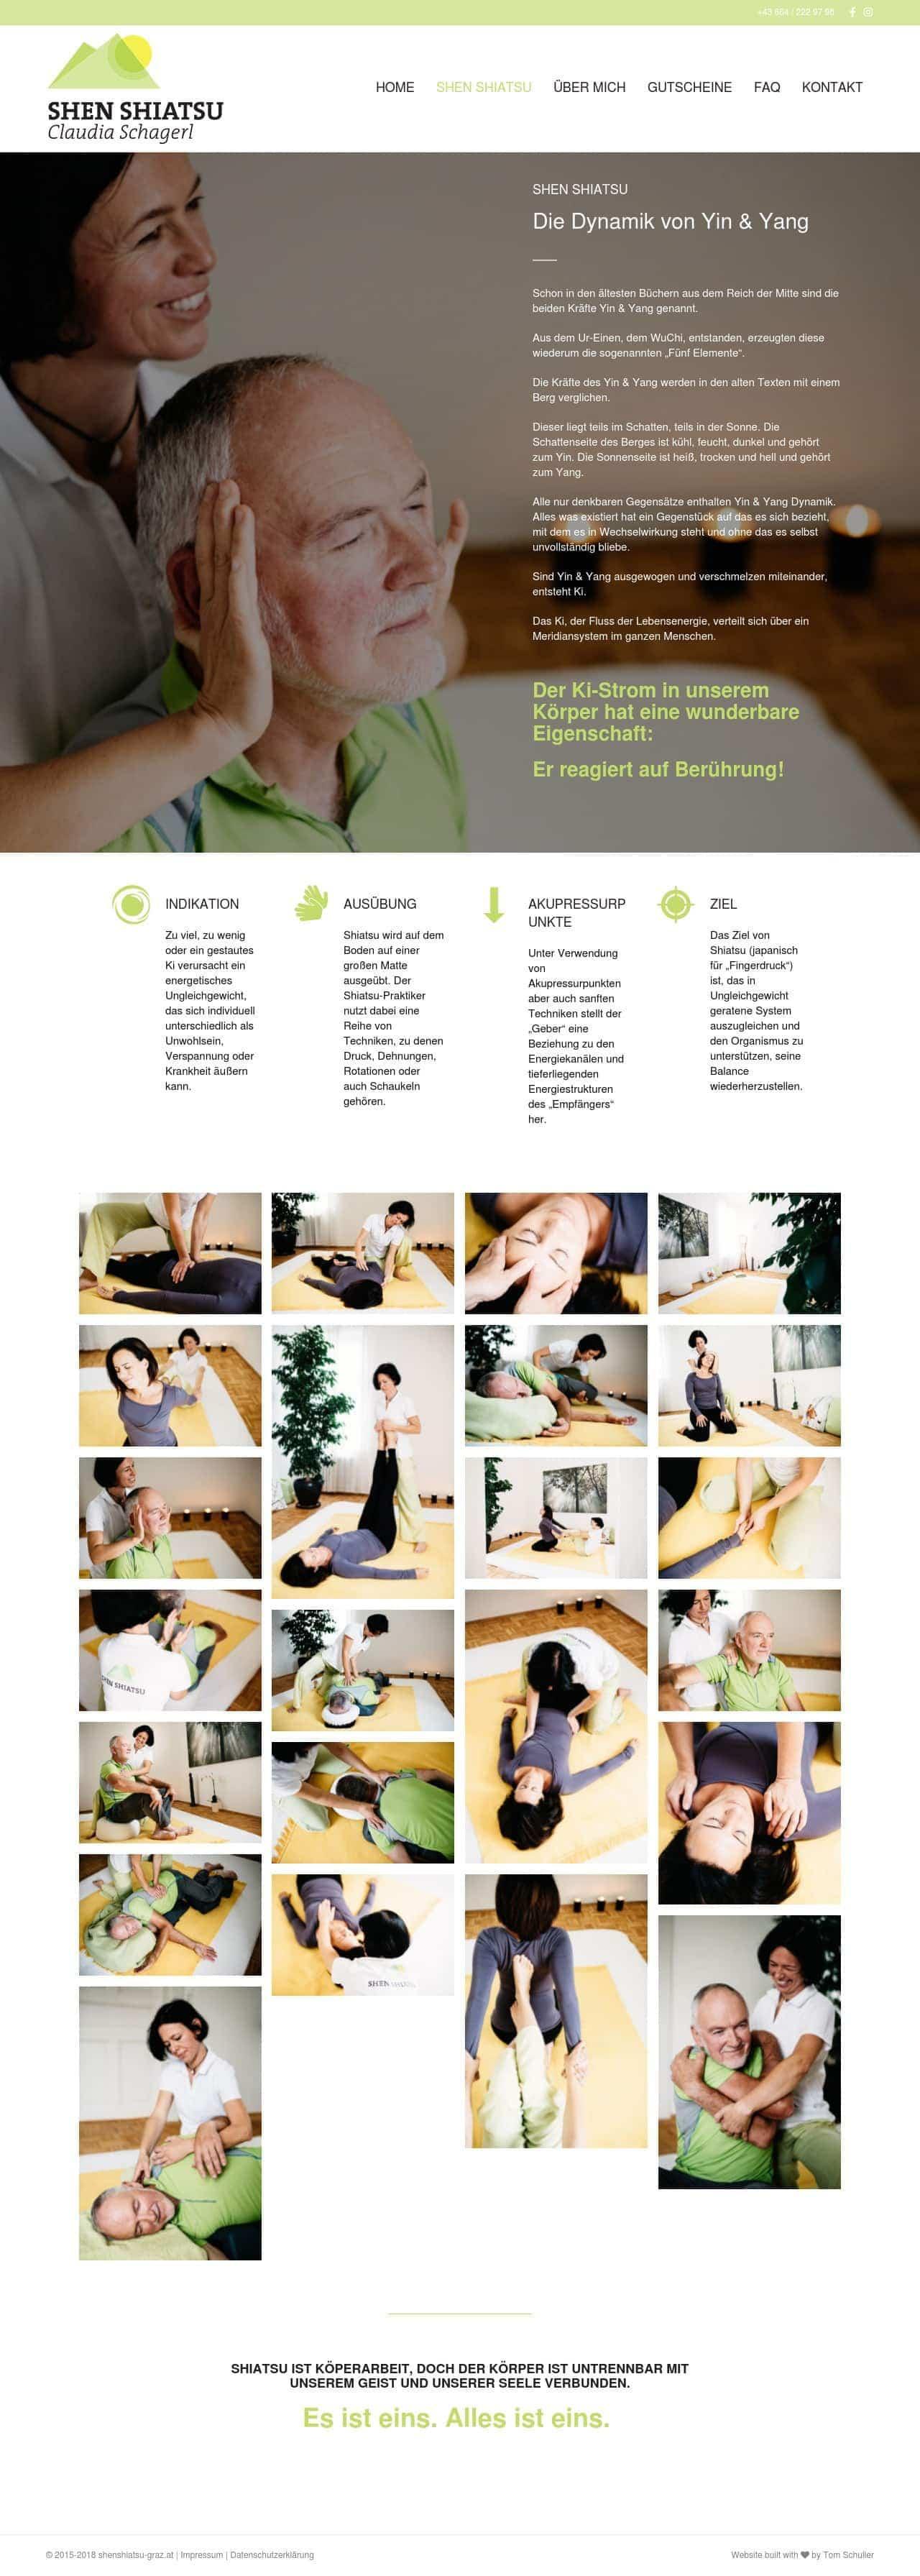 Shenshiatsu Graz Webdesign Homepage Angebot